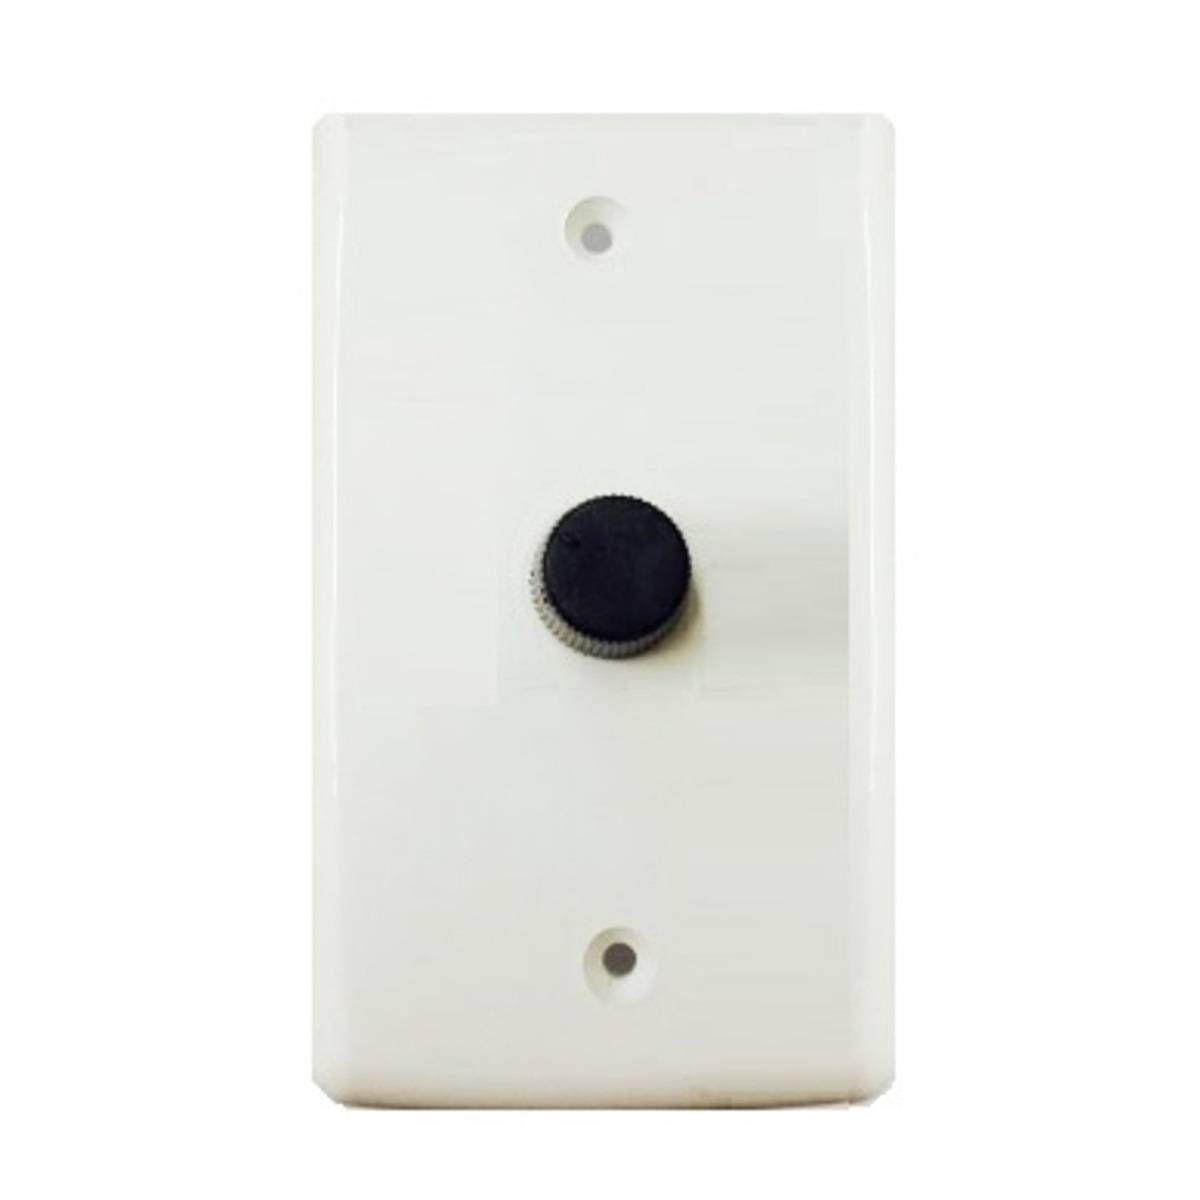 Kit 4 Ventiladores Parede Oscilante 50 Cm Branco / Branco Bivolt Grade Aço